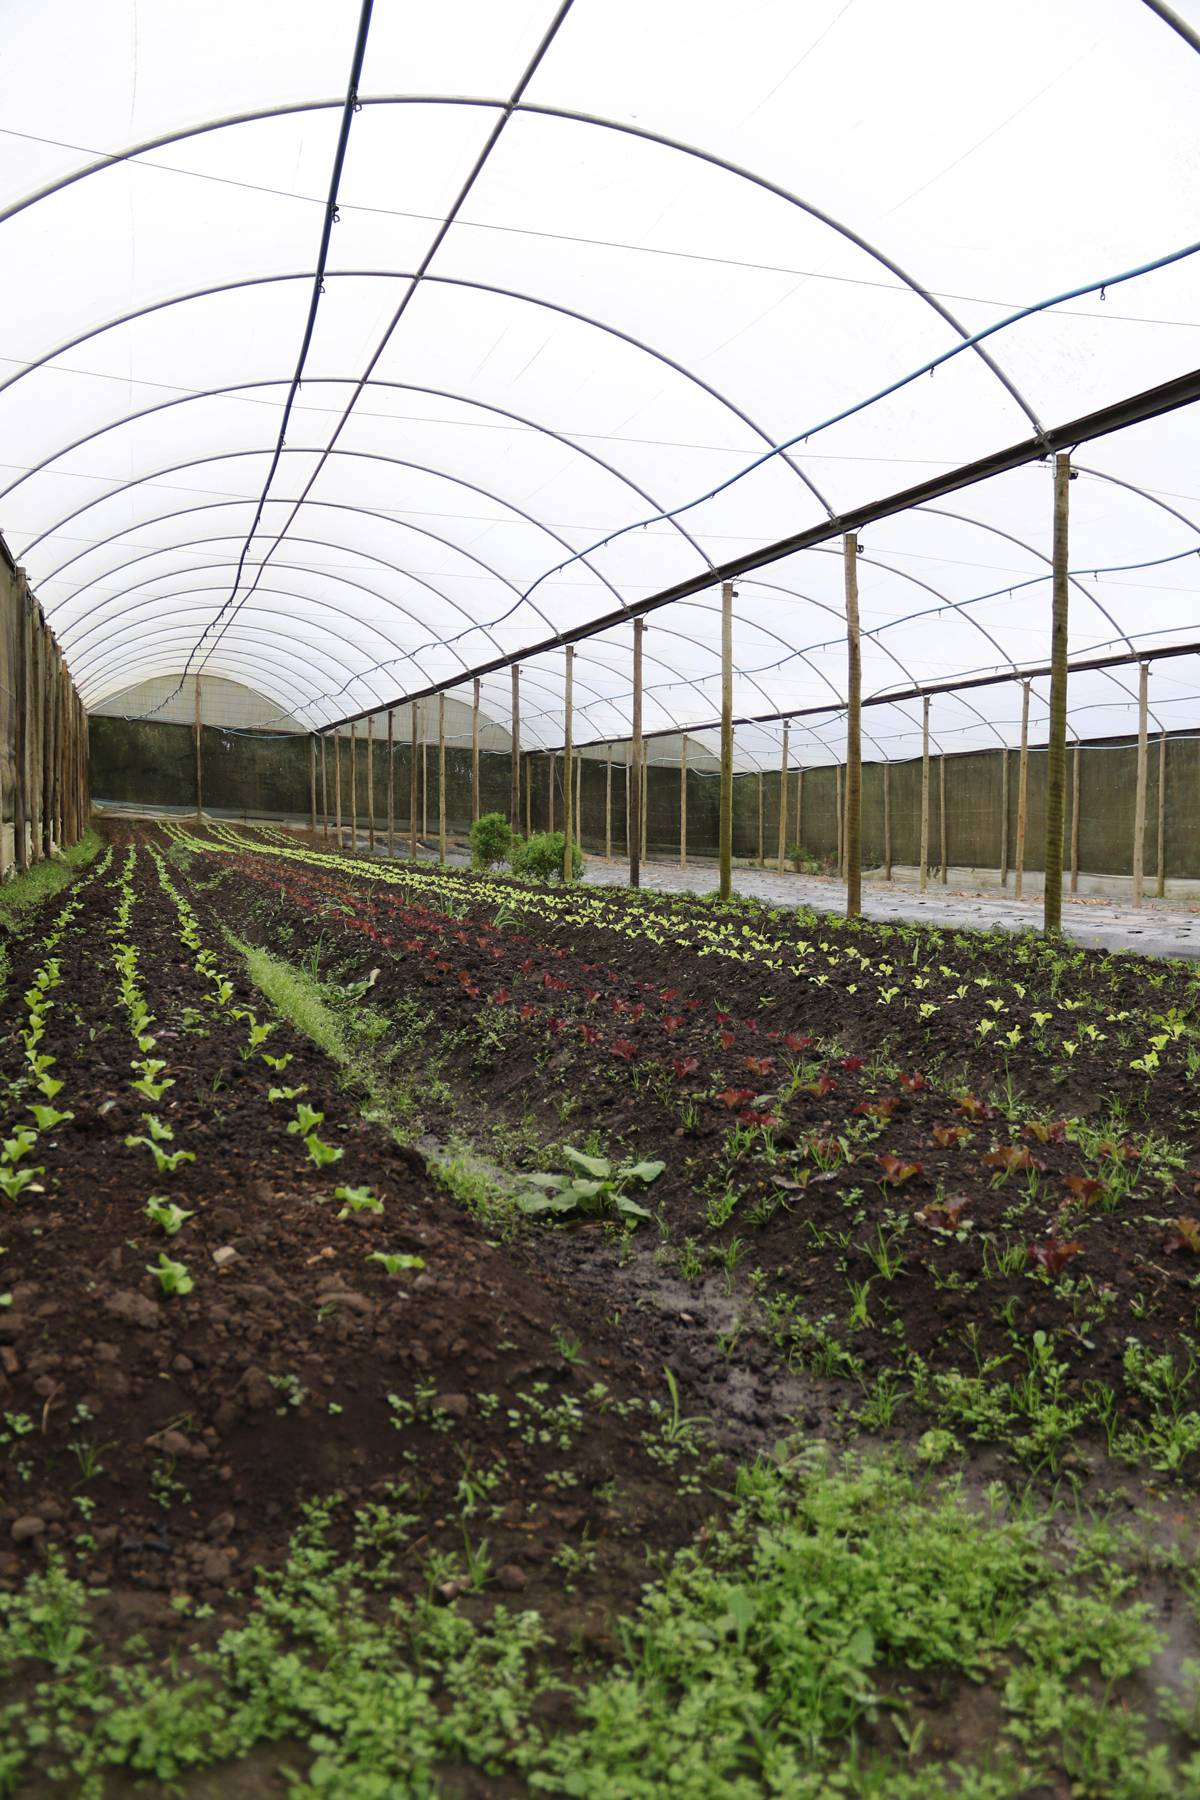 Estufa com parte dos alimentos orgânicos da fazenda também abriga morangos | Eliane Quinalia